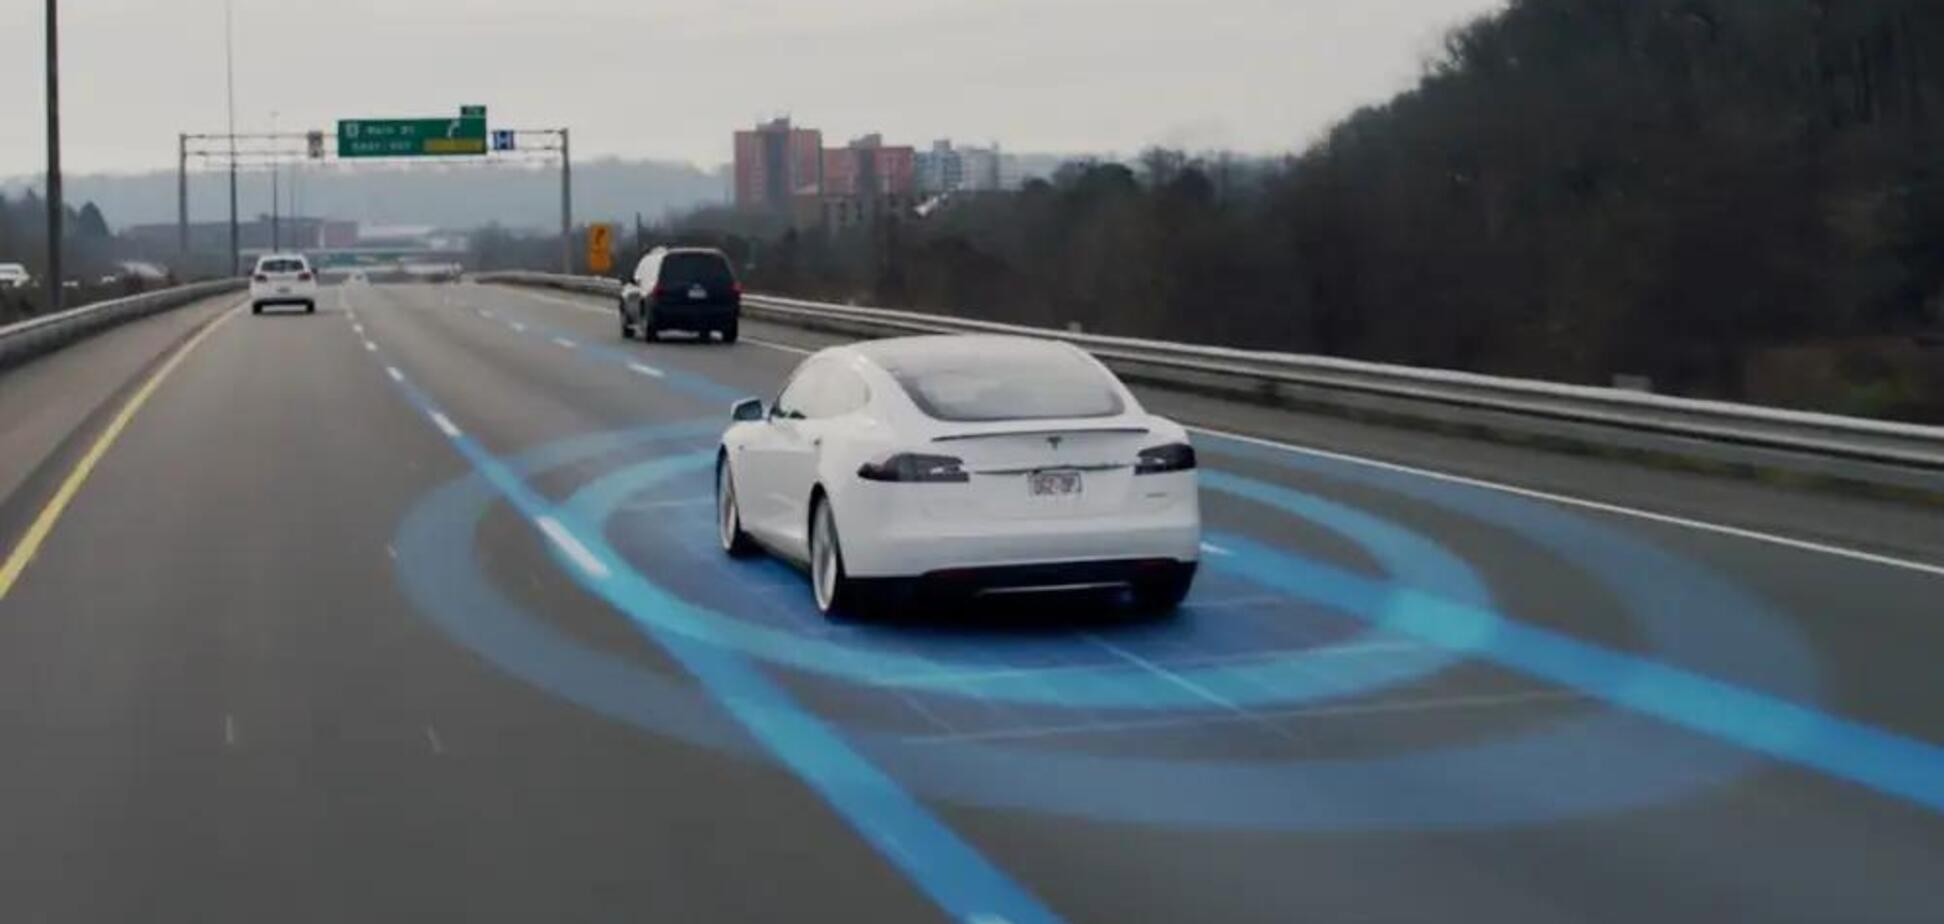 Очі Термінатора: інженери Tesla показали, як автопілот бачить навколишній світ